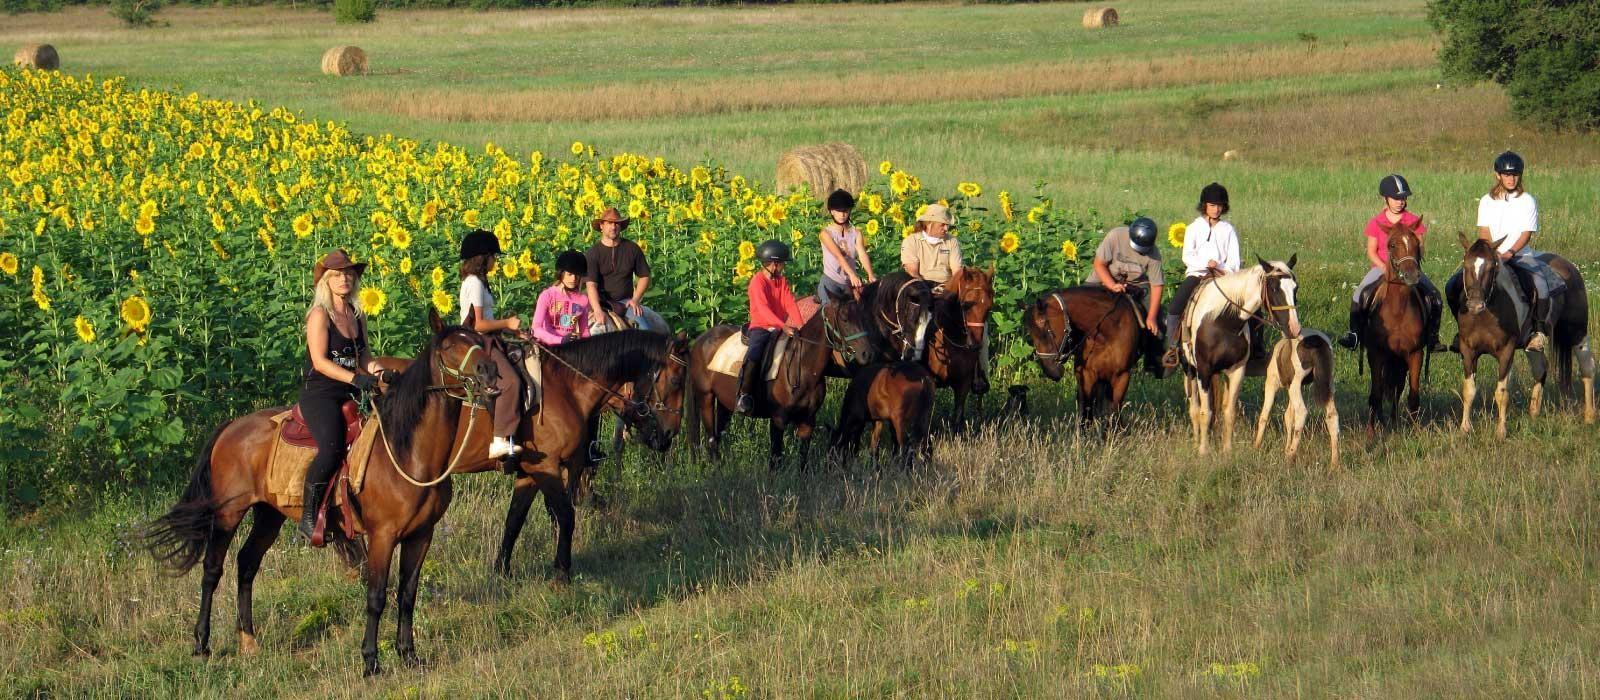 nombreuses fermes équestres autour de Pula...